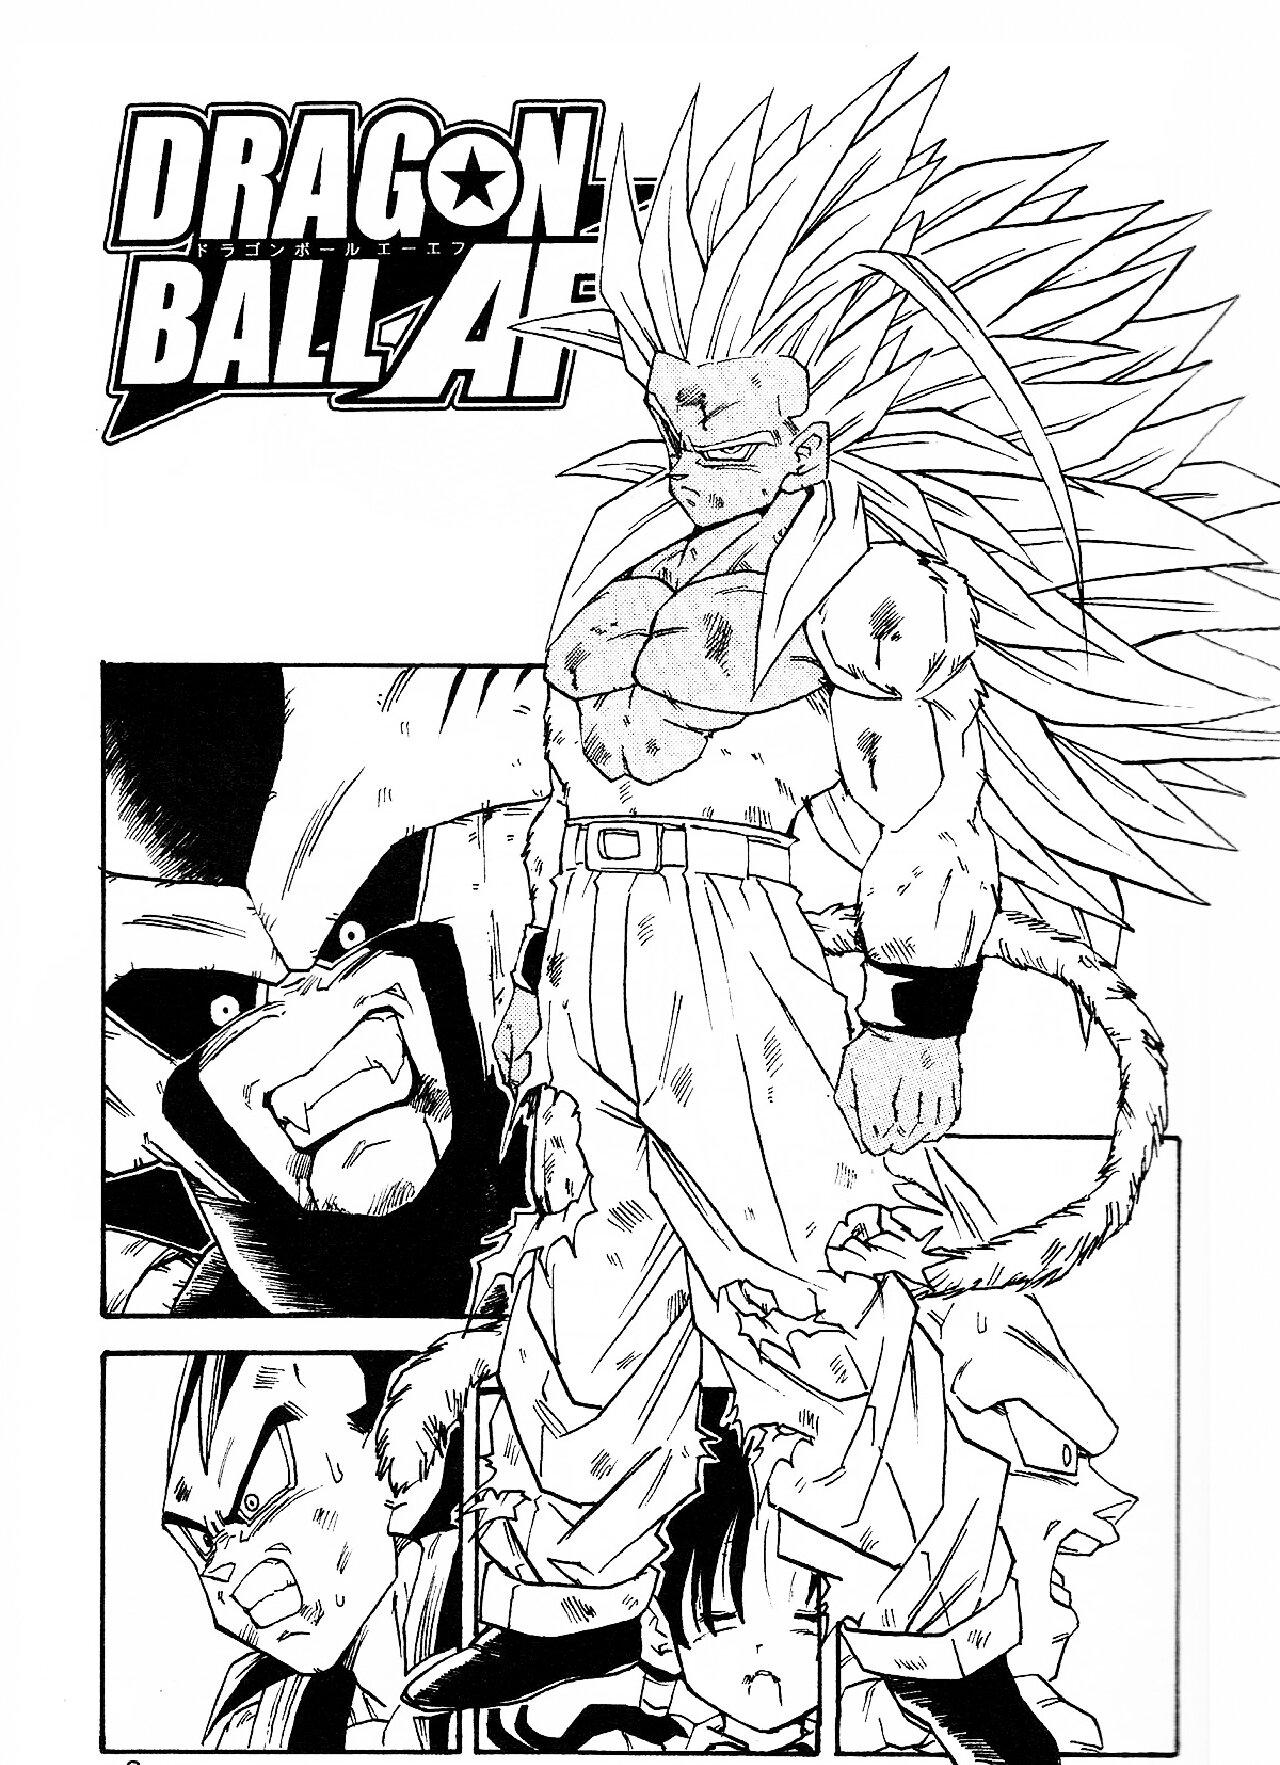 dragon ball af manga toyotaro no oficial